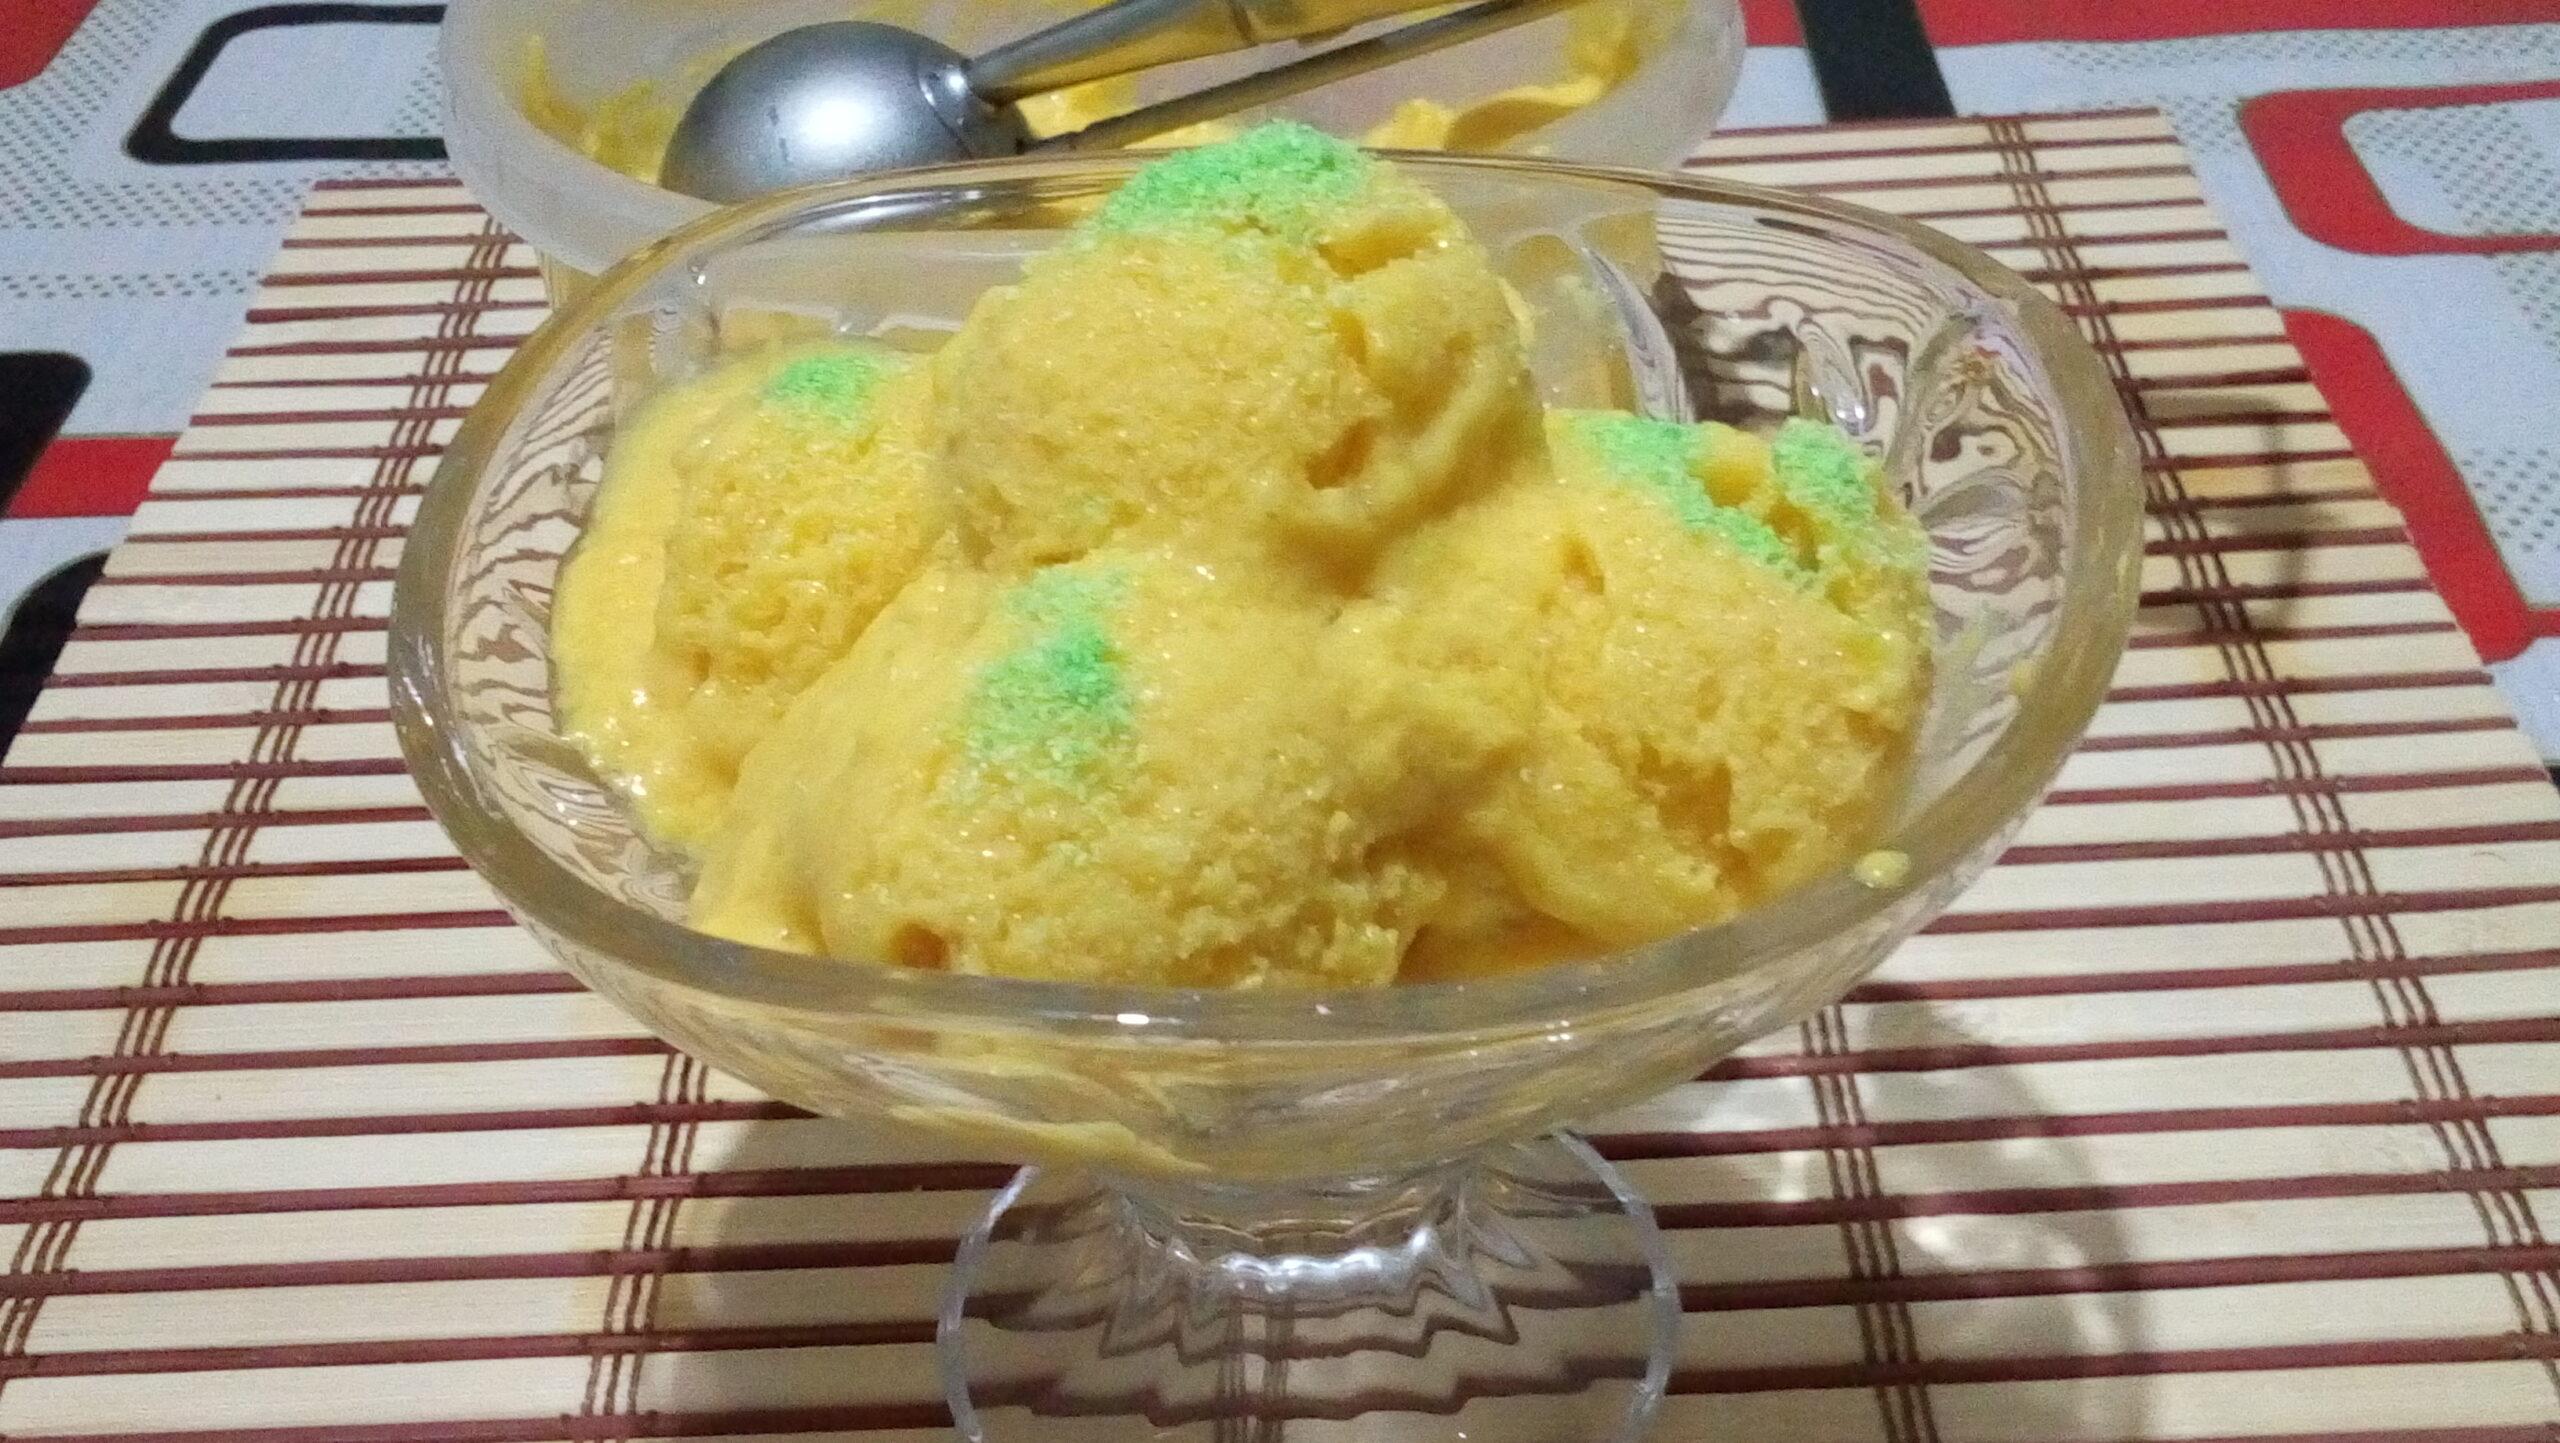 كريم المانجا أحلى تحلية مثلجة scaled - آيس كريم المانجا أحلى تحلية مثلجة